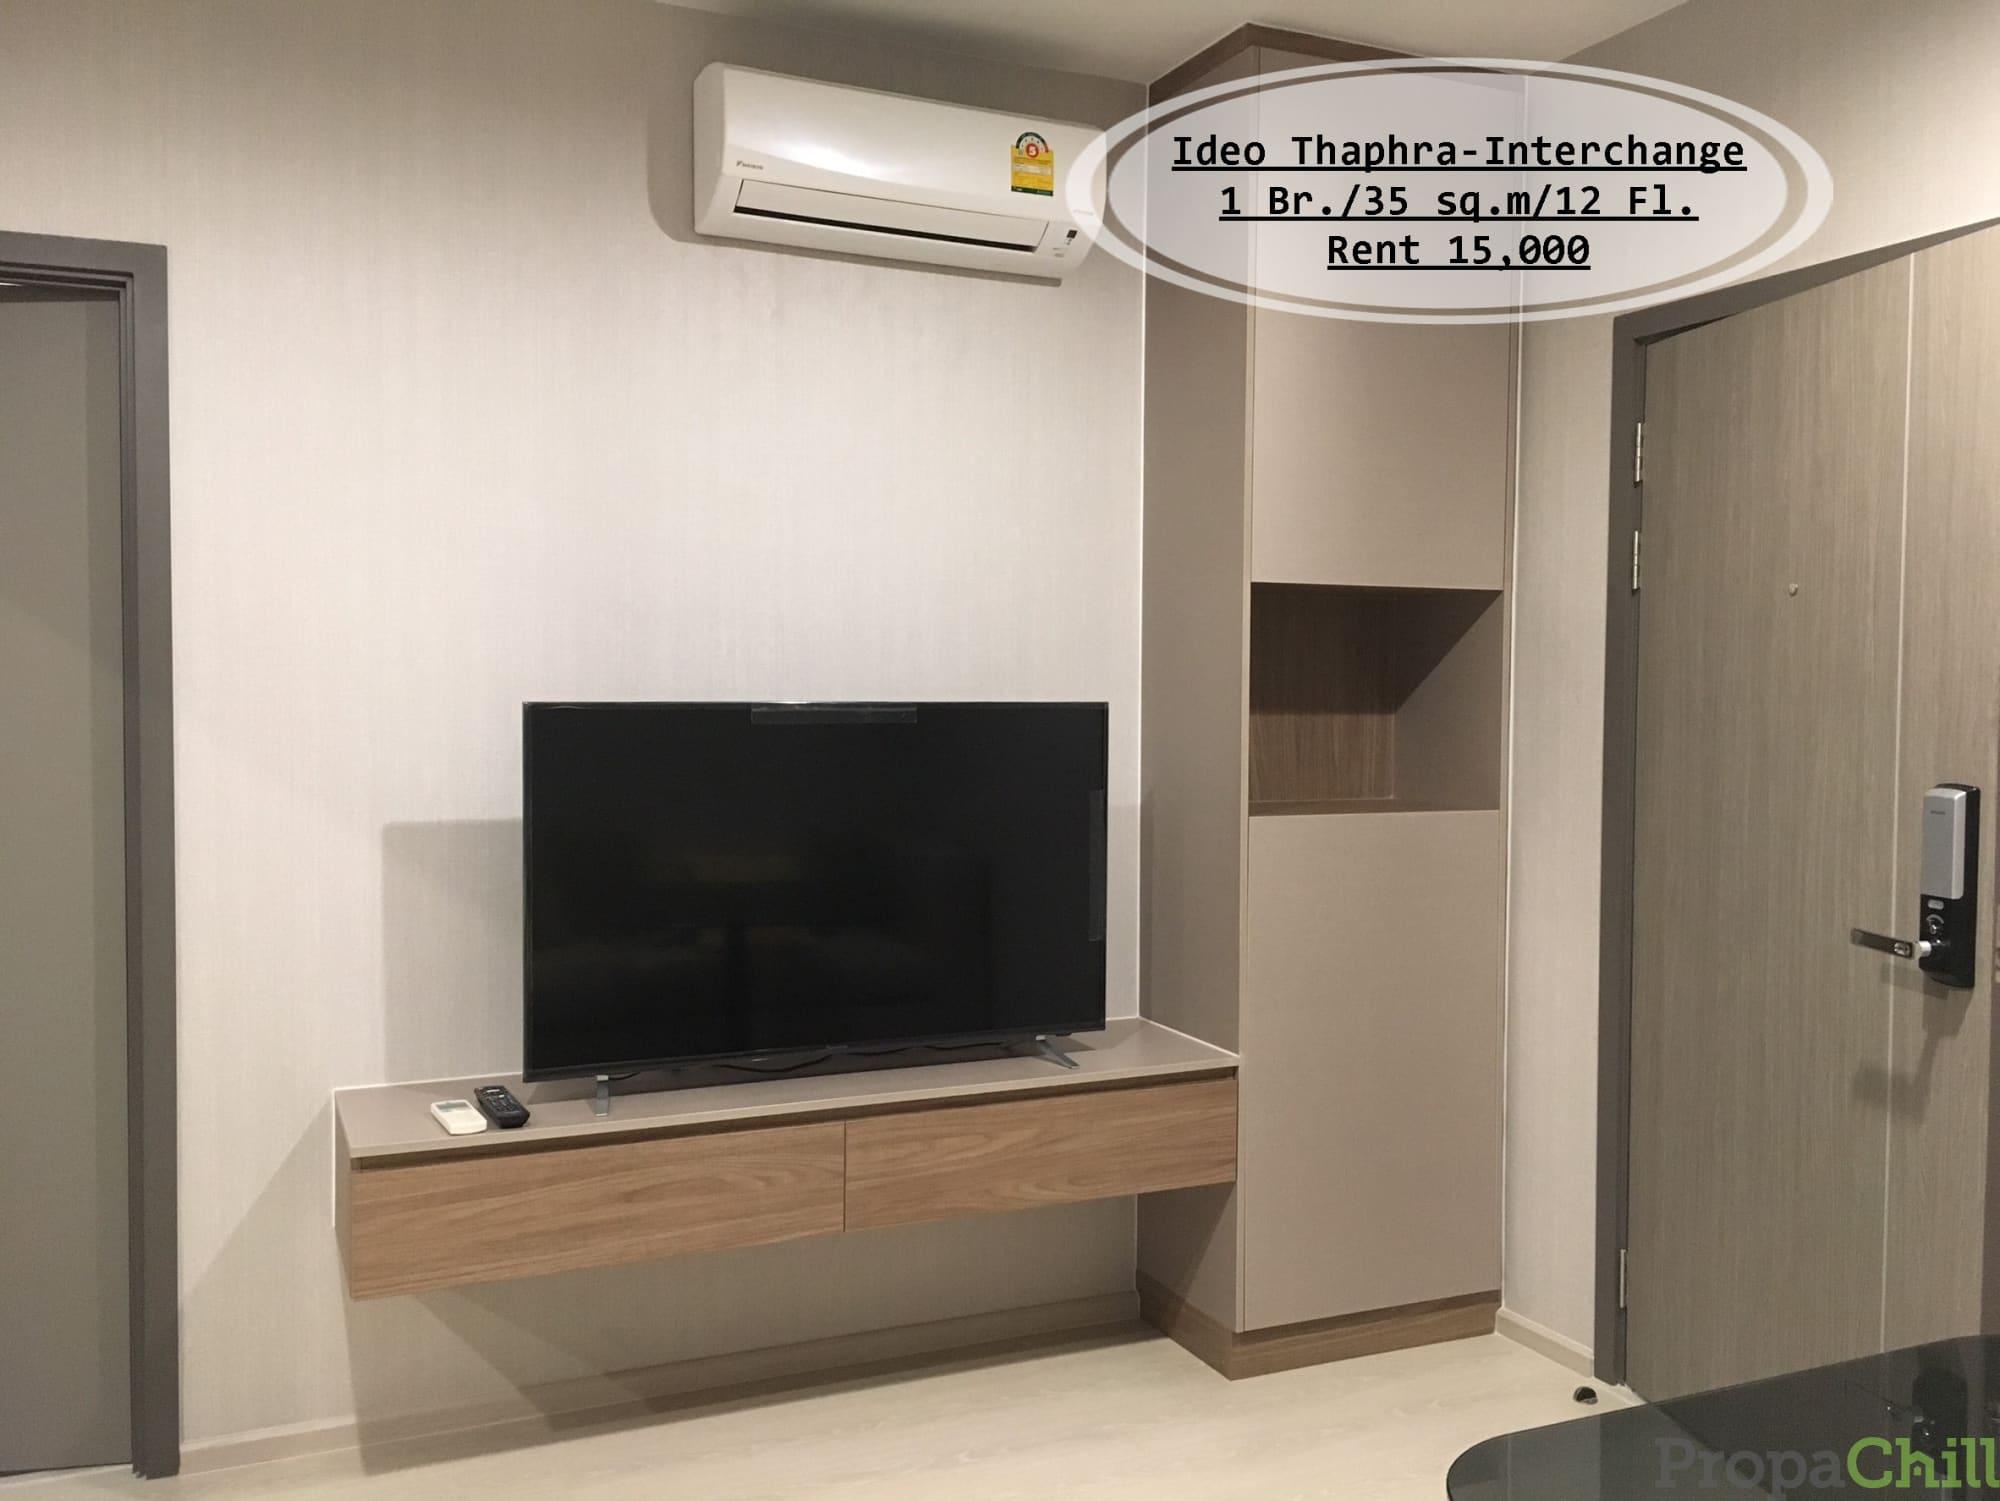 เช่า- Ideo Thaphra-Interchange /1 นอน /35 ตร.ม /ชั้น 12 ใกล้ BTS ตลาดพลู /เช่า 15,000